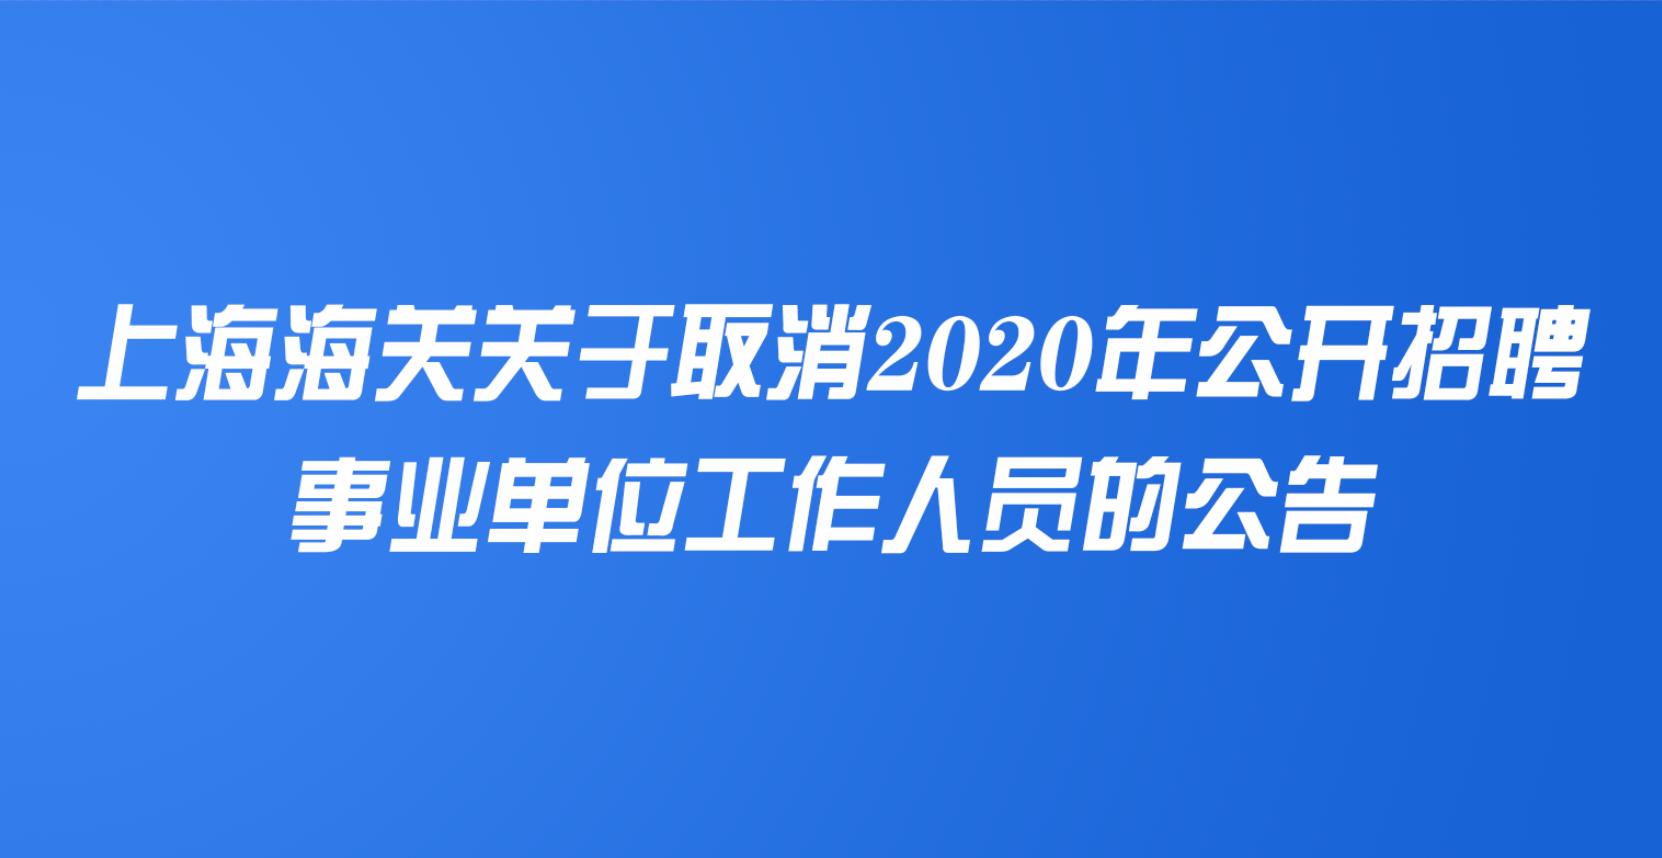 上海海关关于取消2020年公开招聘事业单位工作人员的公告